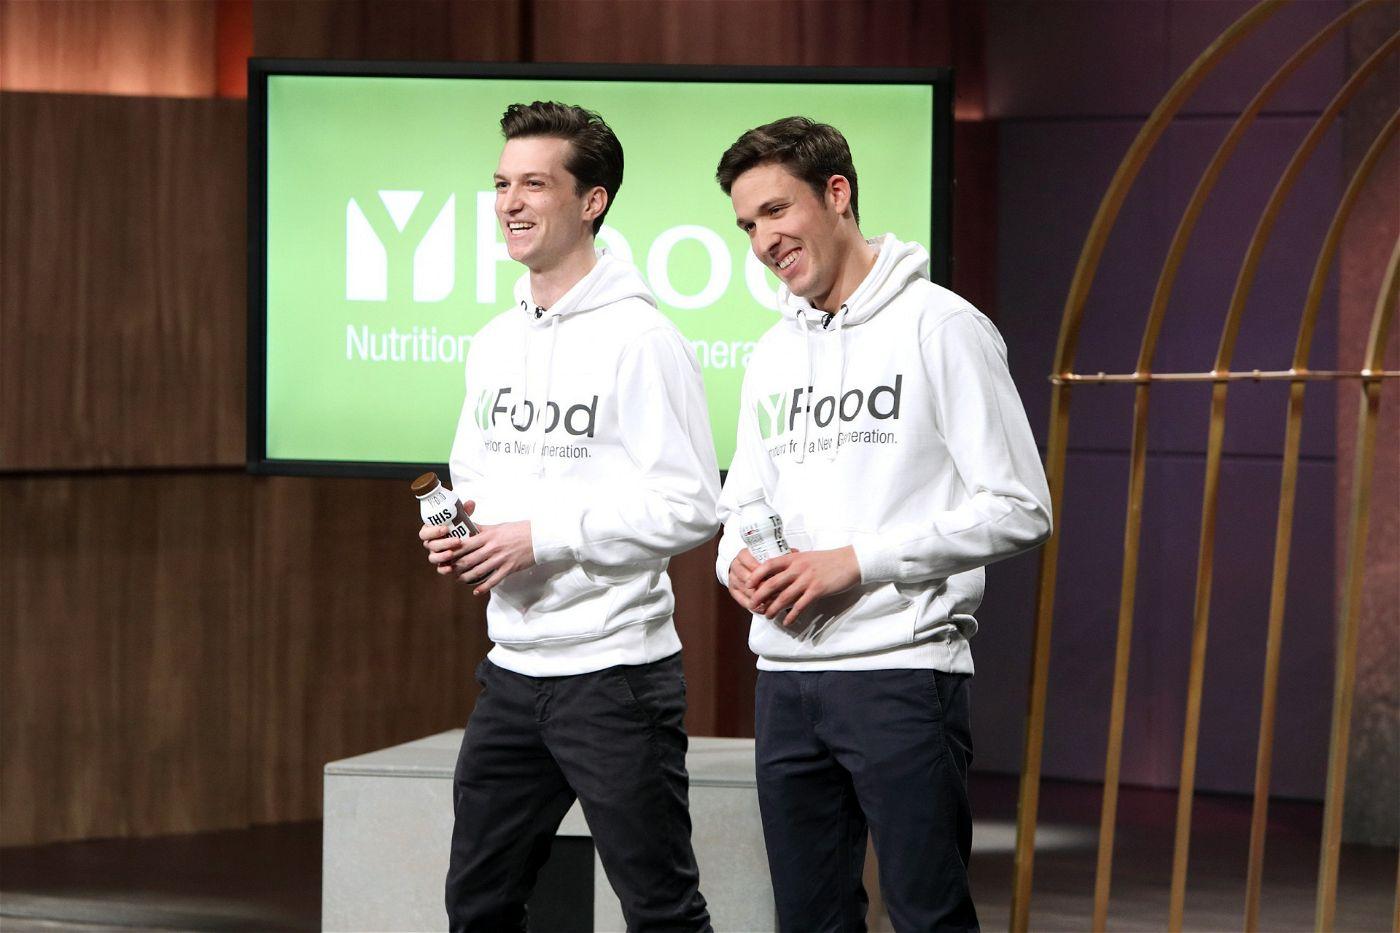 """<p><b>Die Gründer und ihr Produkt</b>: Benjamin Kremer (28) und Noel Bollmann (25) haben """"YFood"""" entwickelt, einen Drink, der eine komplette Mahlzeit gesund und schnell ersetzen soll.<p><b>Der Wunsch</b>: 200.000 Euro für einen Firmenanteil von zehn Prozent.</p> <p><b>Der Deal</b>: Frank Thelen schnappt sich 20 Prozent der Firmenanteile für 200.000 Euro.</p>"""